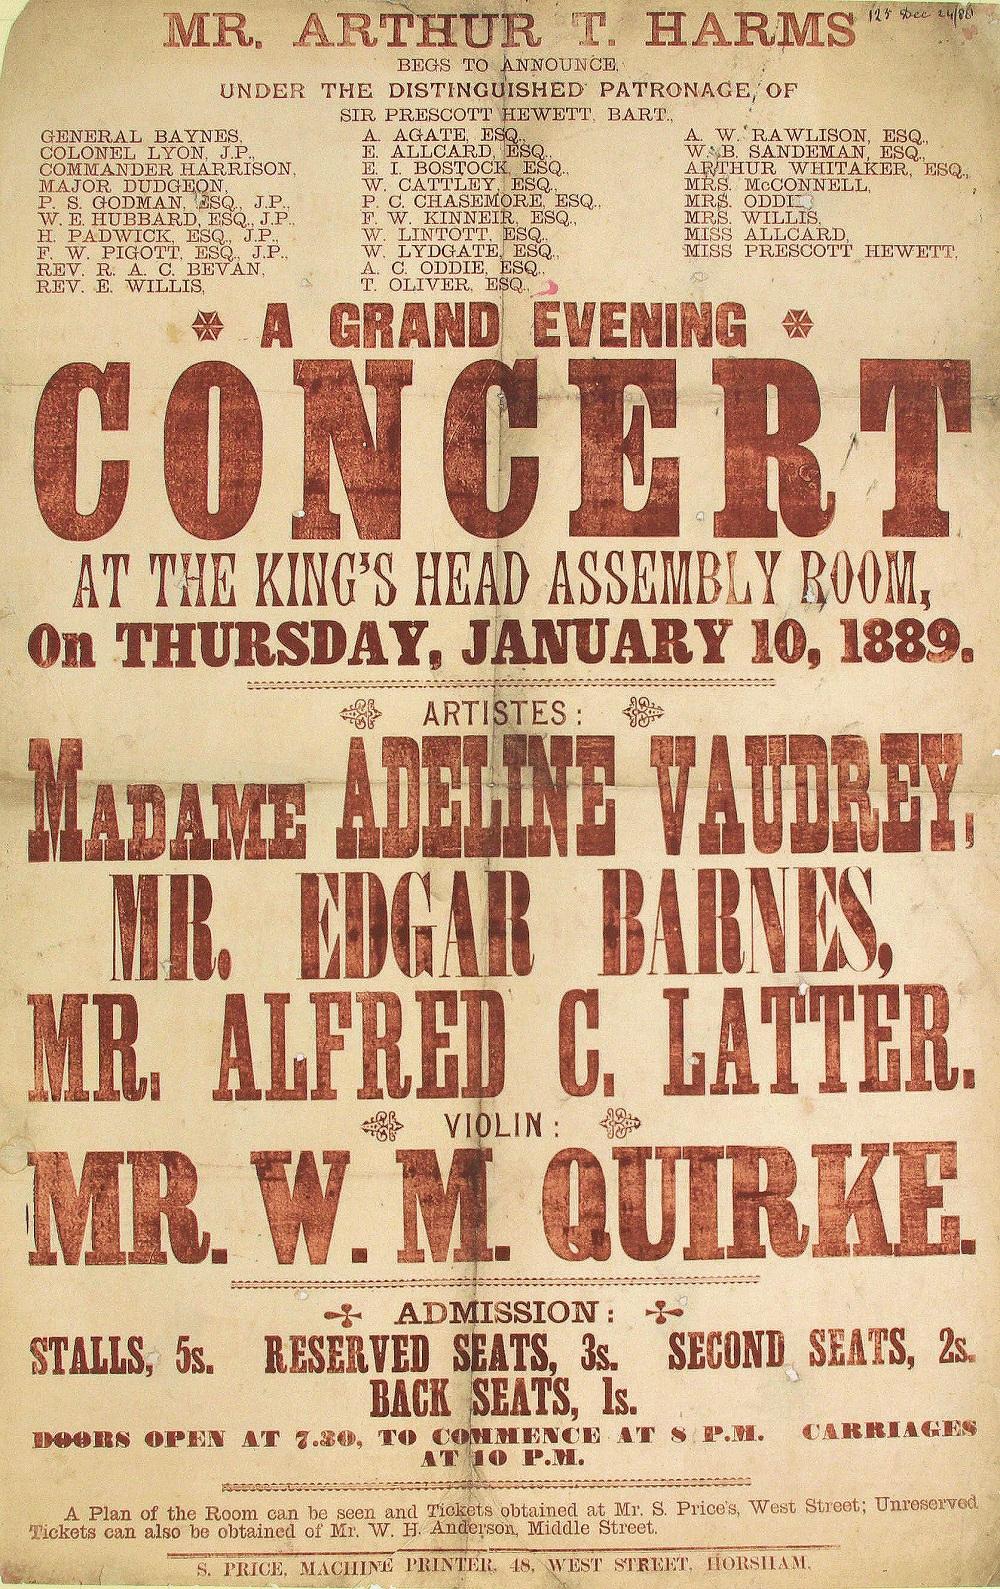 A grand evening concert